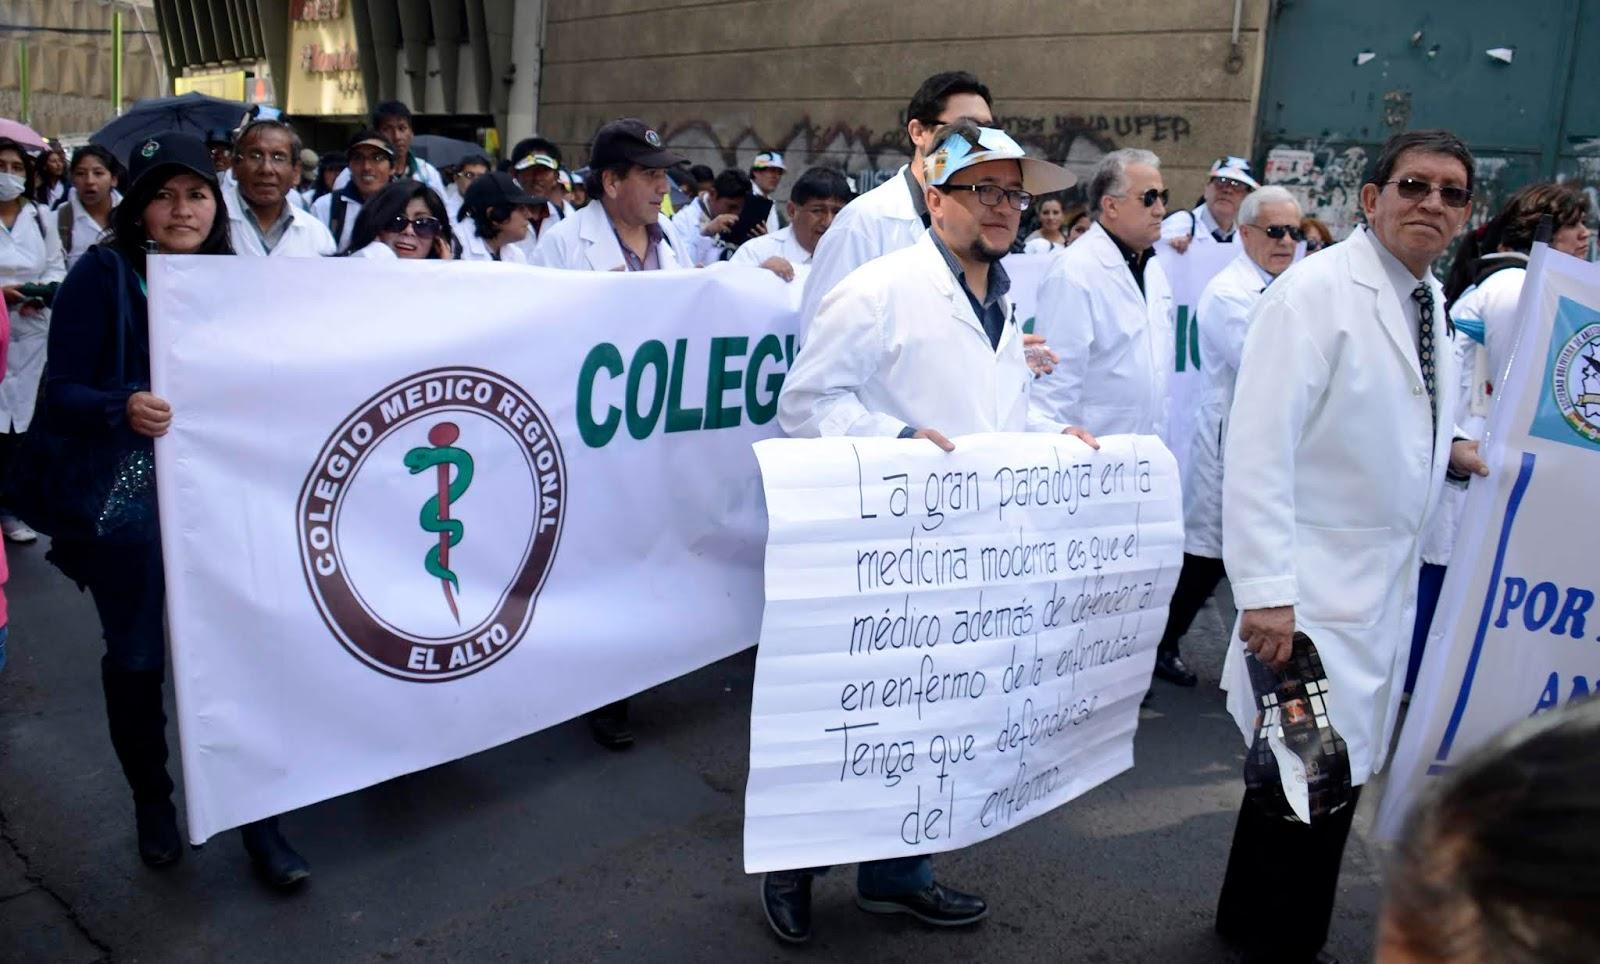 Médicos bolivianos se encuentran movilizados por segundo año, en fin de año / ARCHIVO FIDES / APG